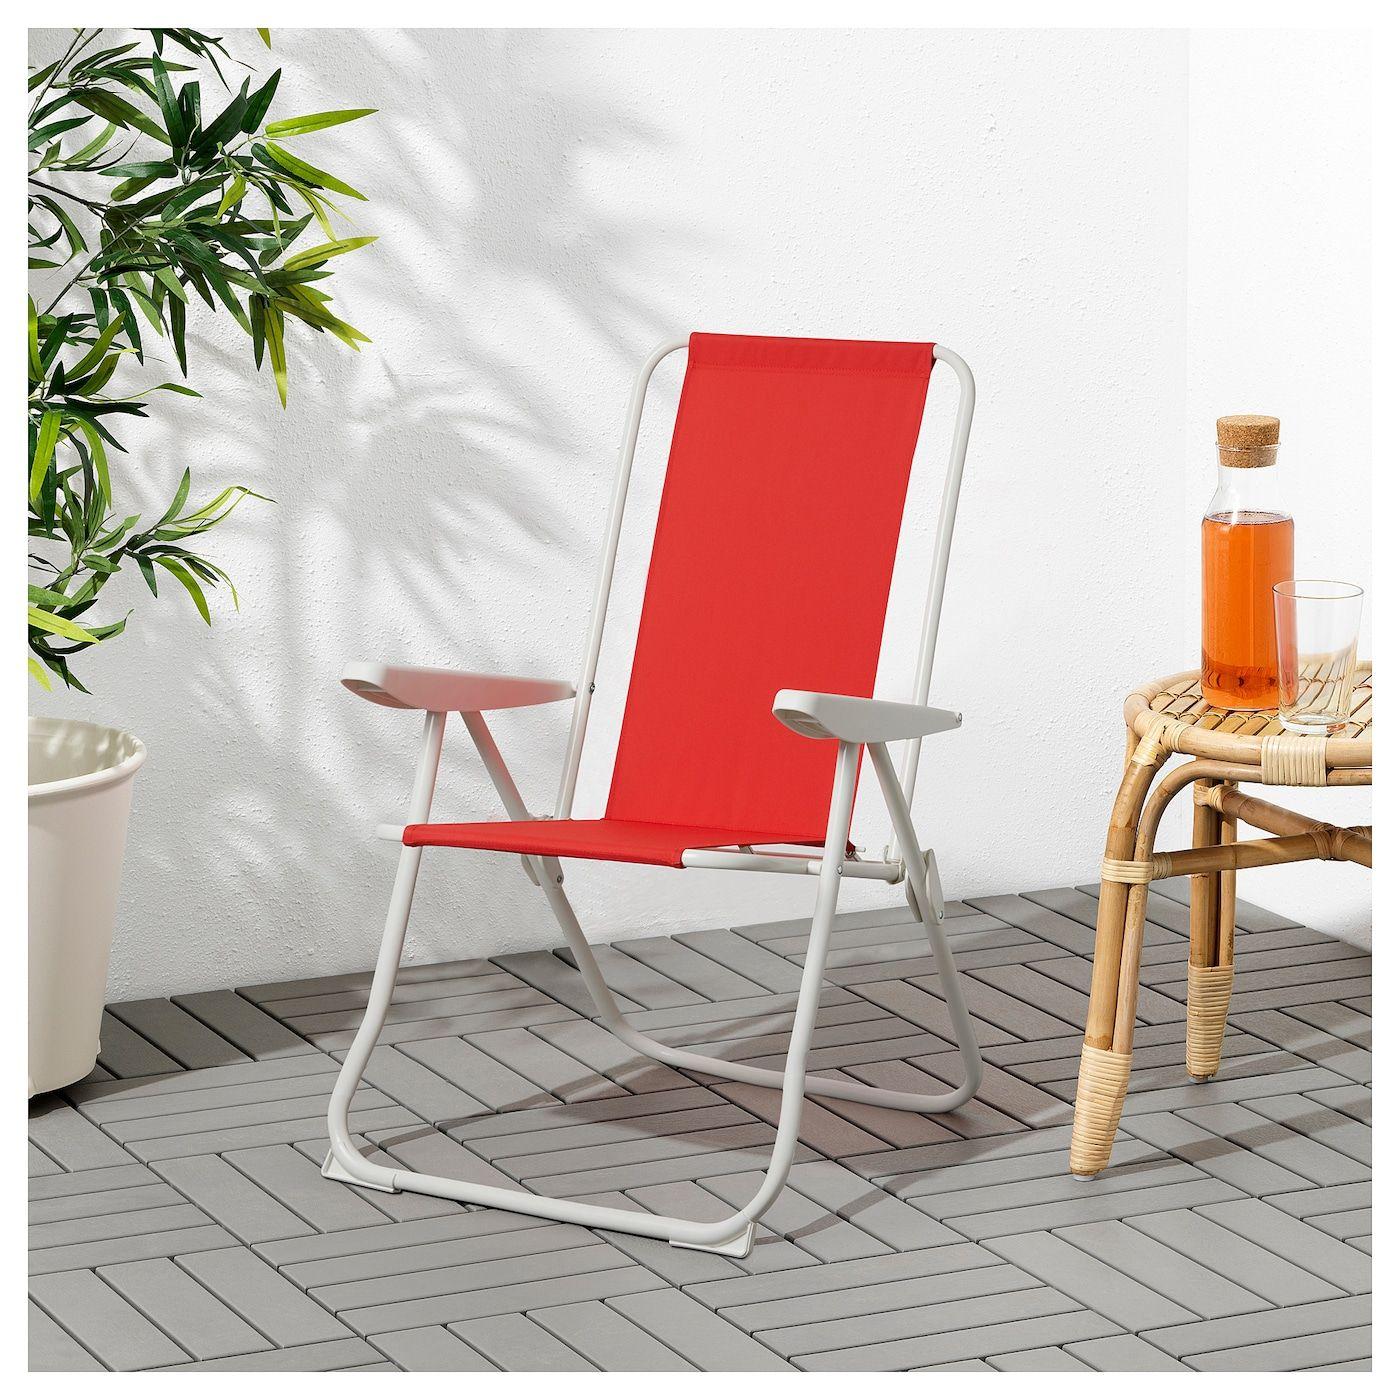 Håmö Reclining Chair - Red   Chaise Fauteuil, Fauteuil ... concernant Transat Jardin Ikea